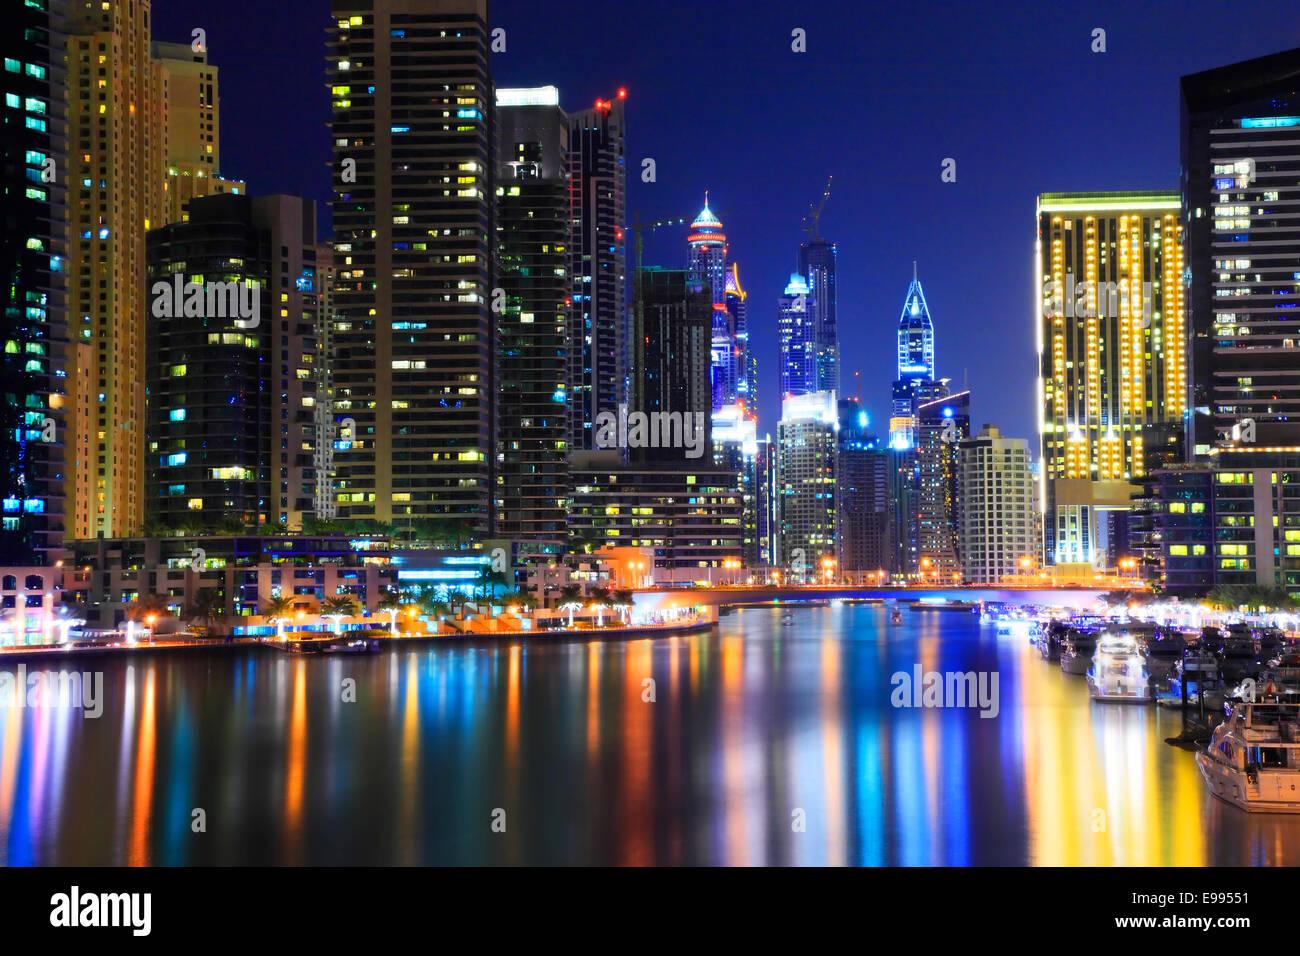 La Marina de Dubaï de nuit.Reflet de gratte-ciel dans l'eau. Photo Stock